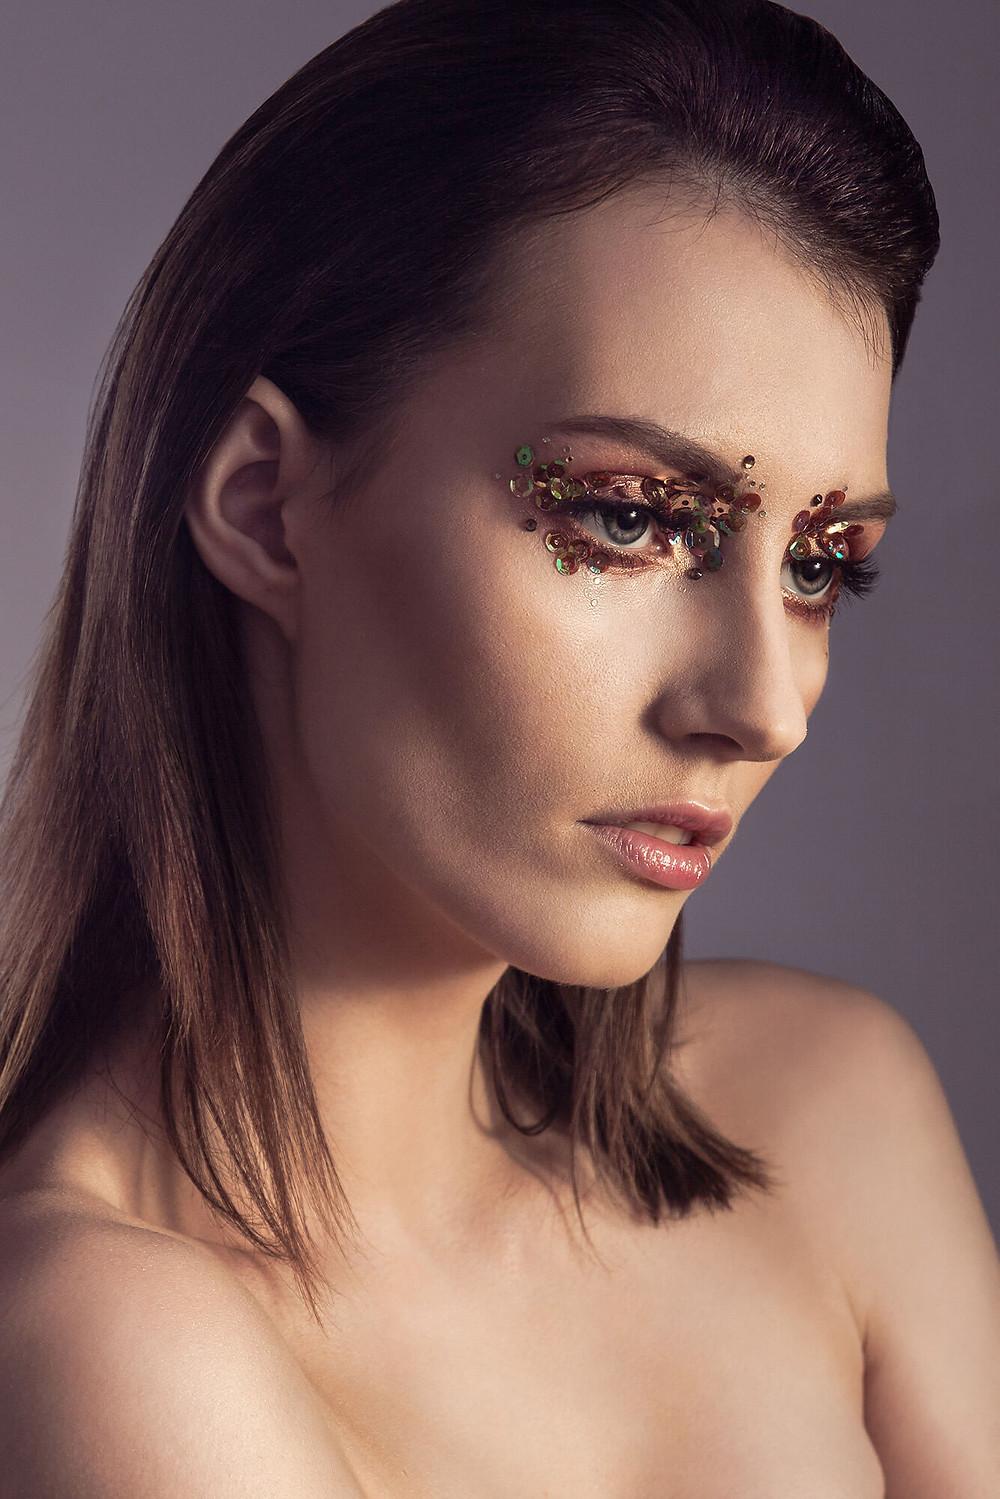 Zamyślona modelka w makijażu z cekinami